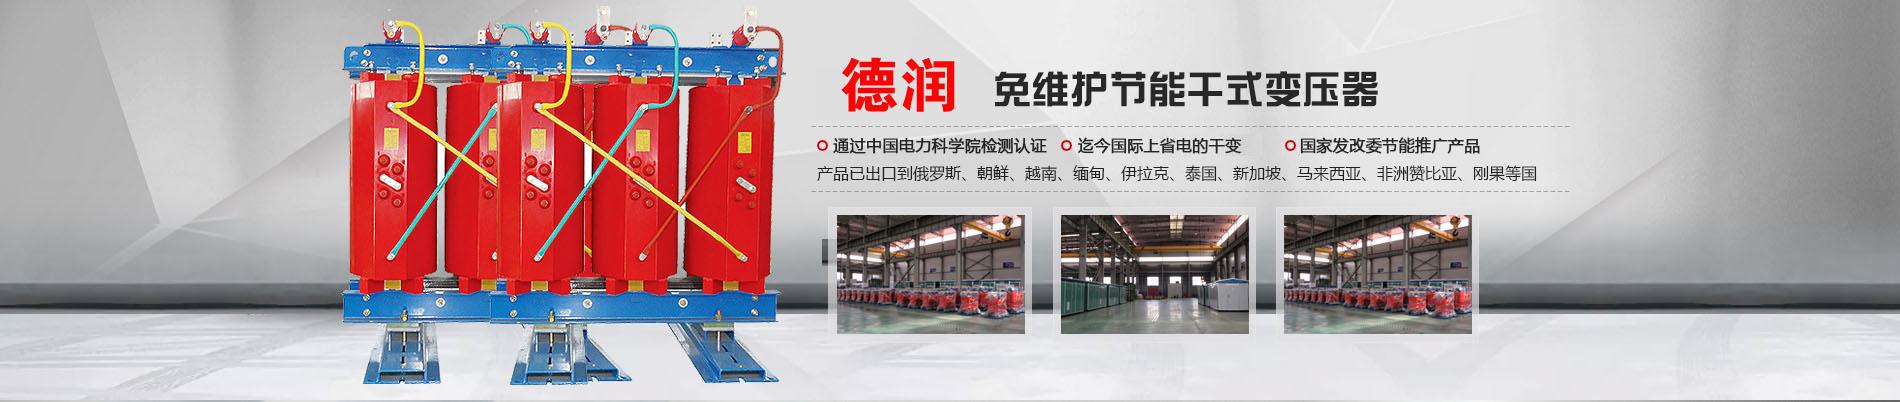 泰州干式变压器厂家